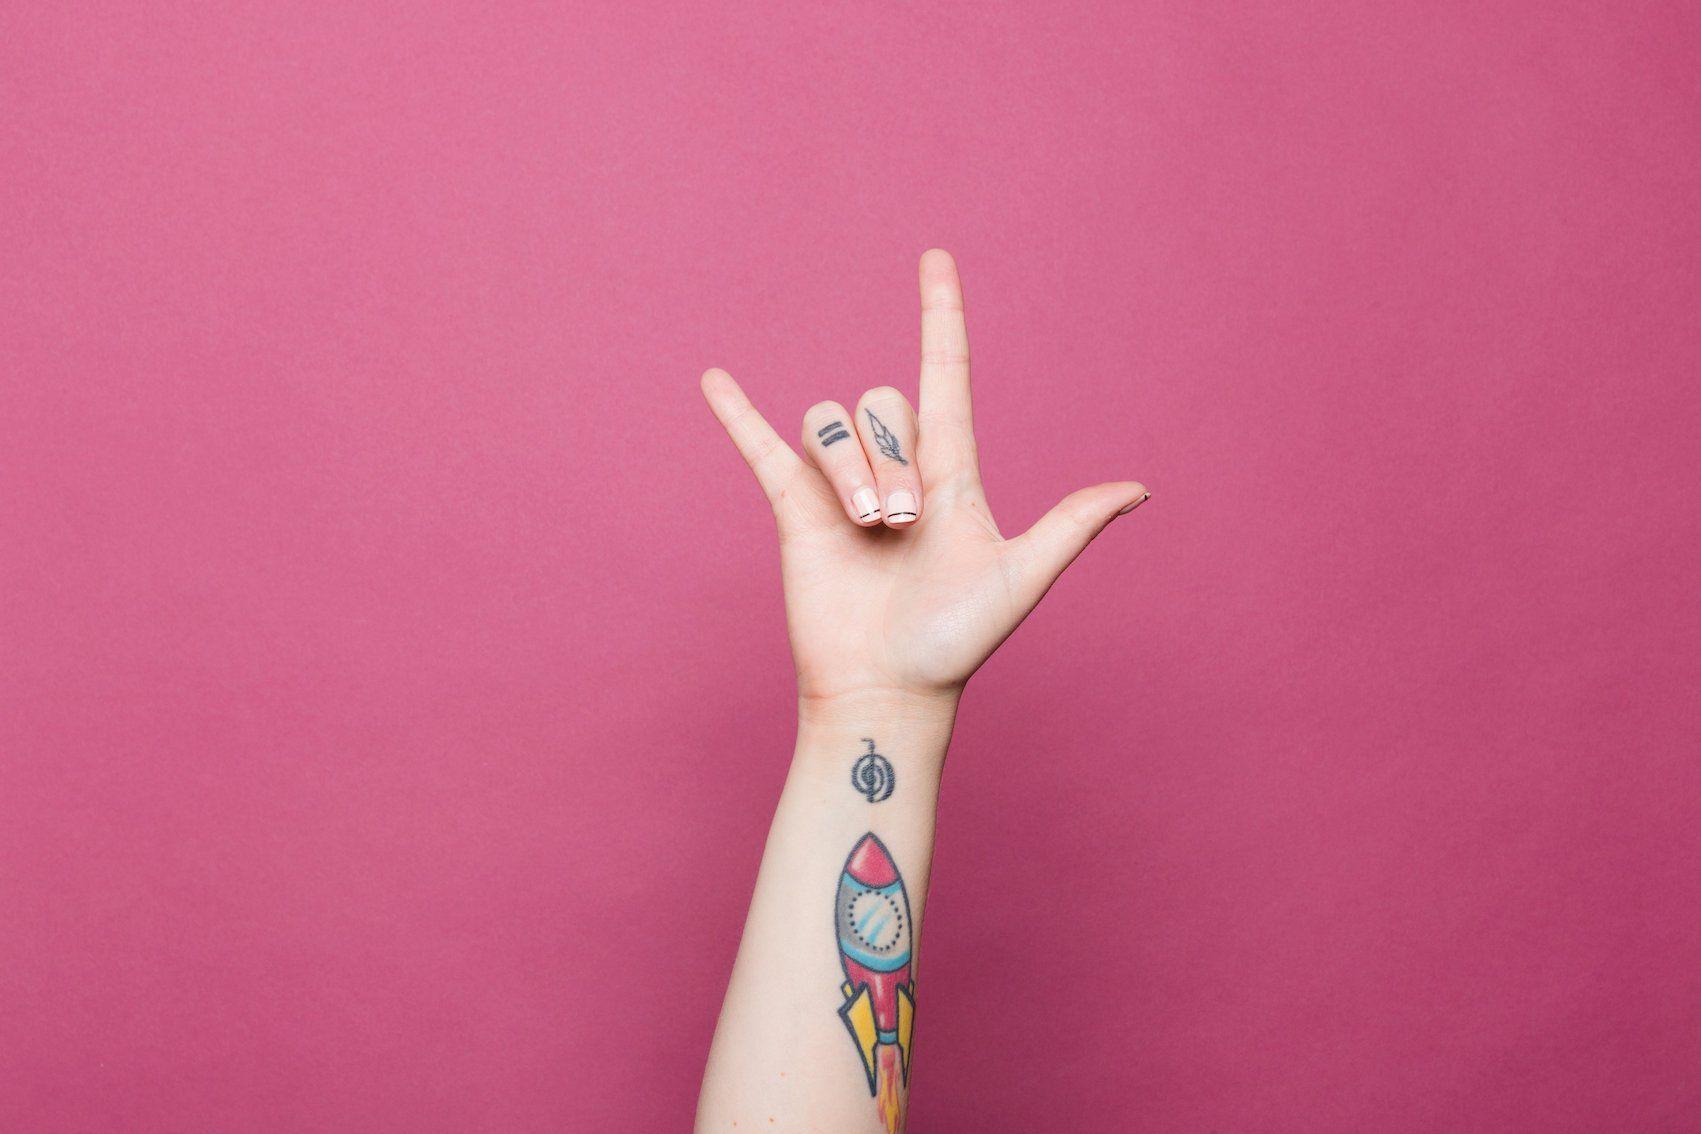 Les Choses A Savoir Avant De Se Faire Tatouer Indemne